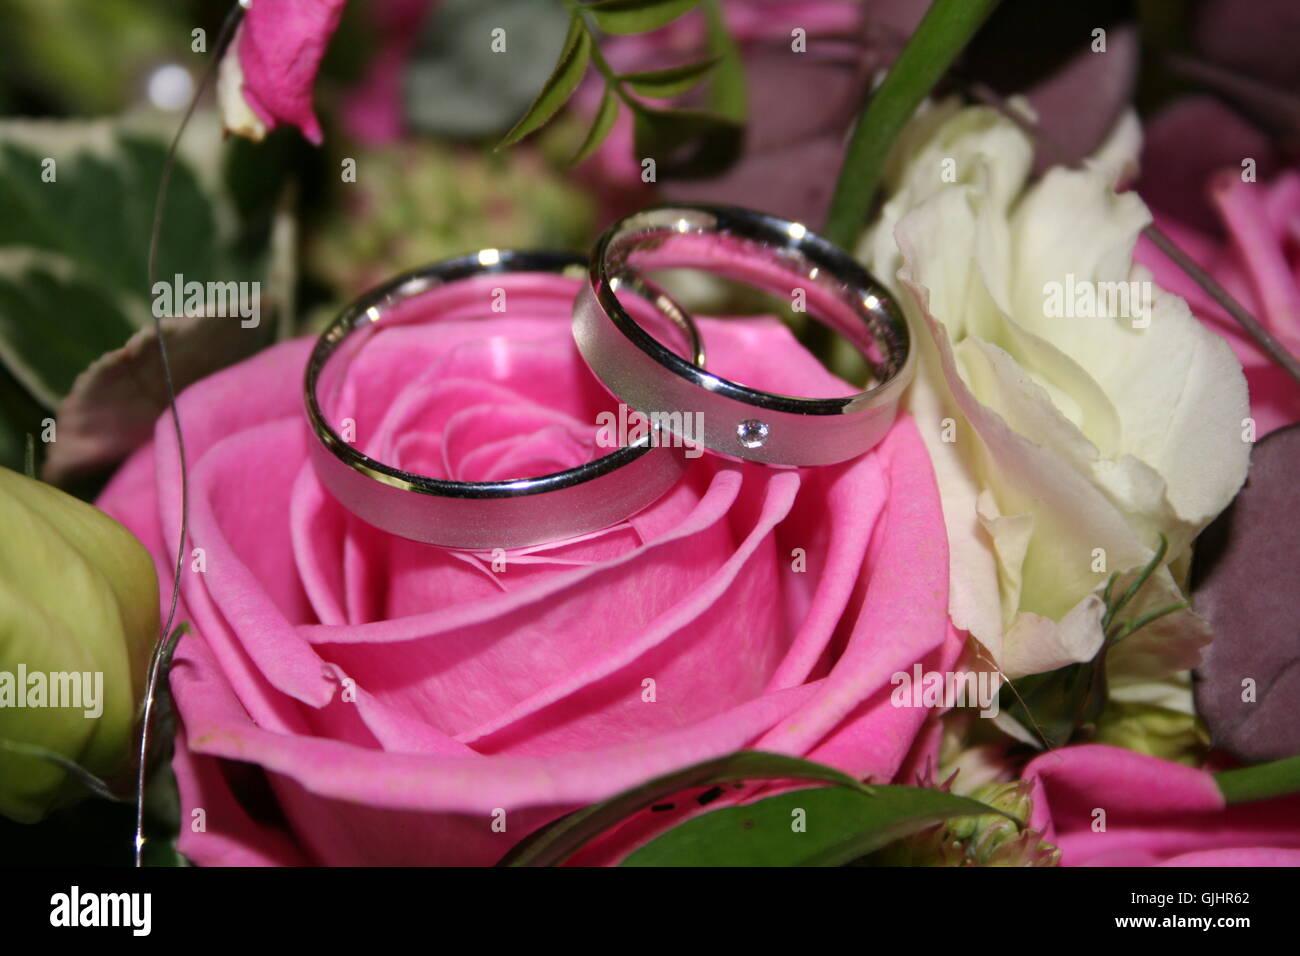 Wedding Rings Wedding Symbols Stock Photos & Wedding Rings Wedding ...